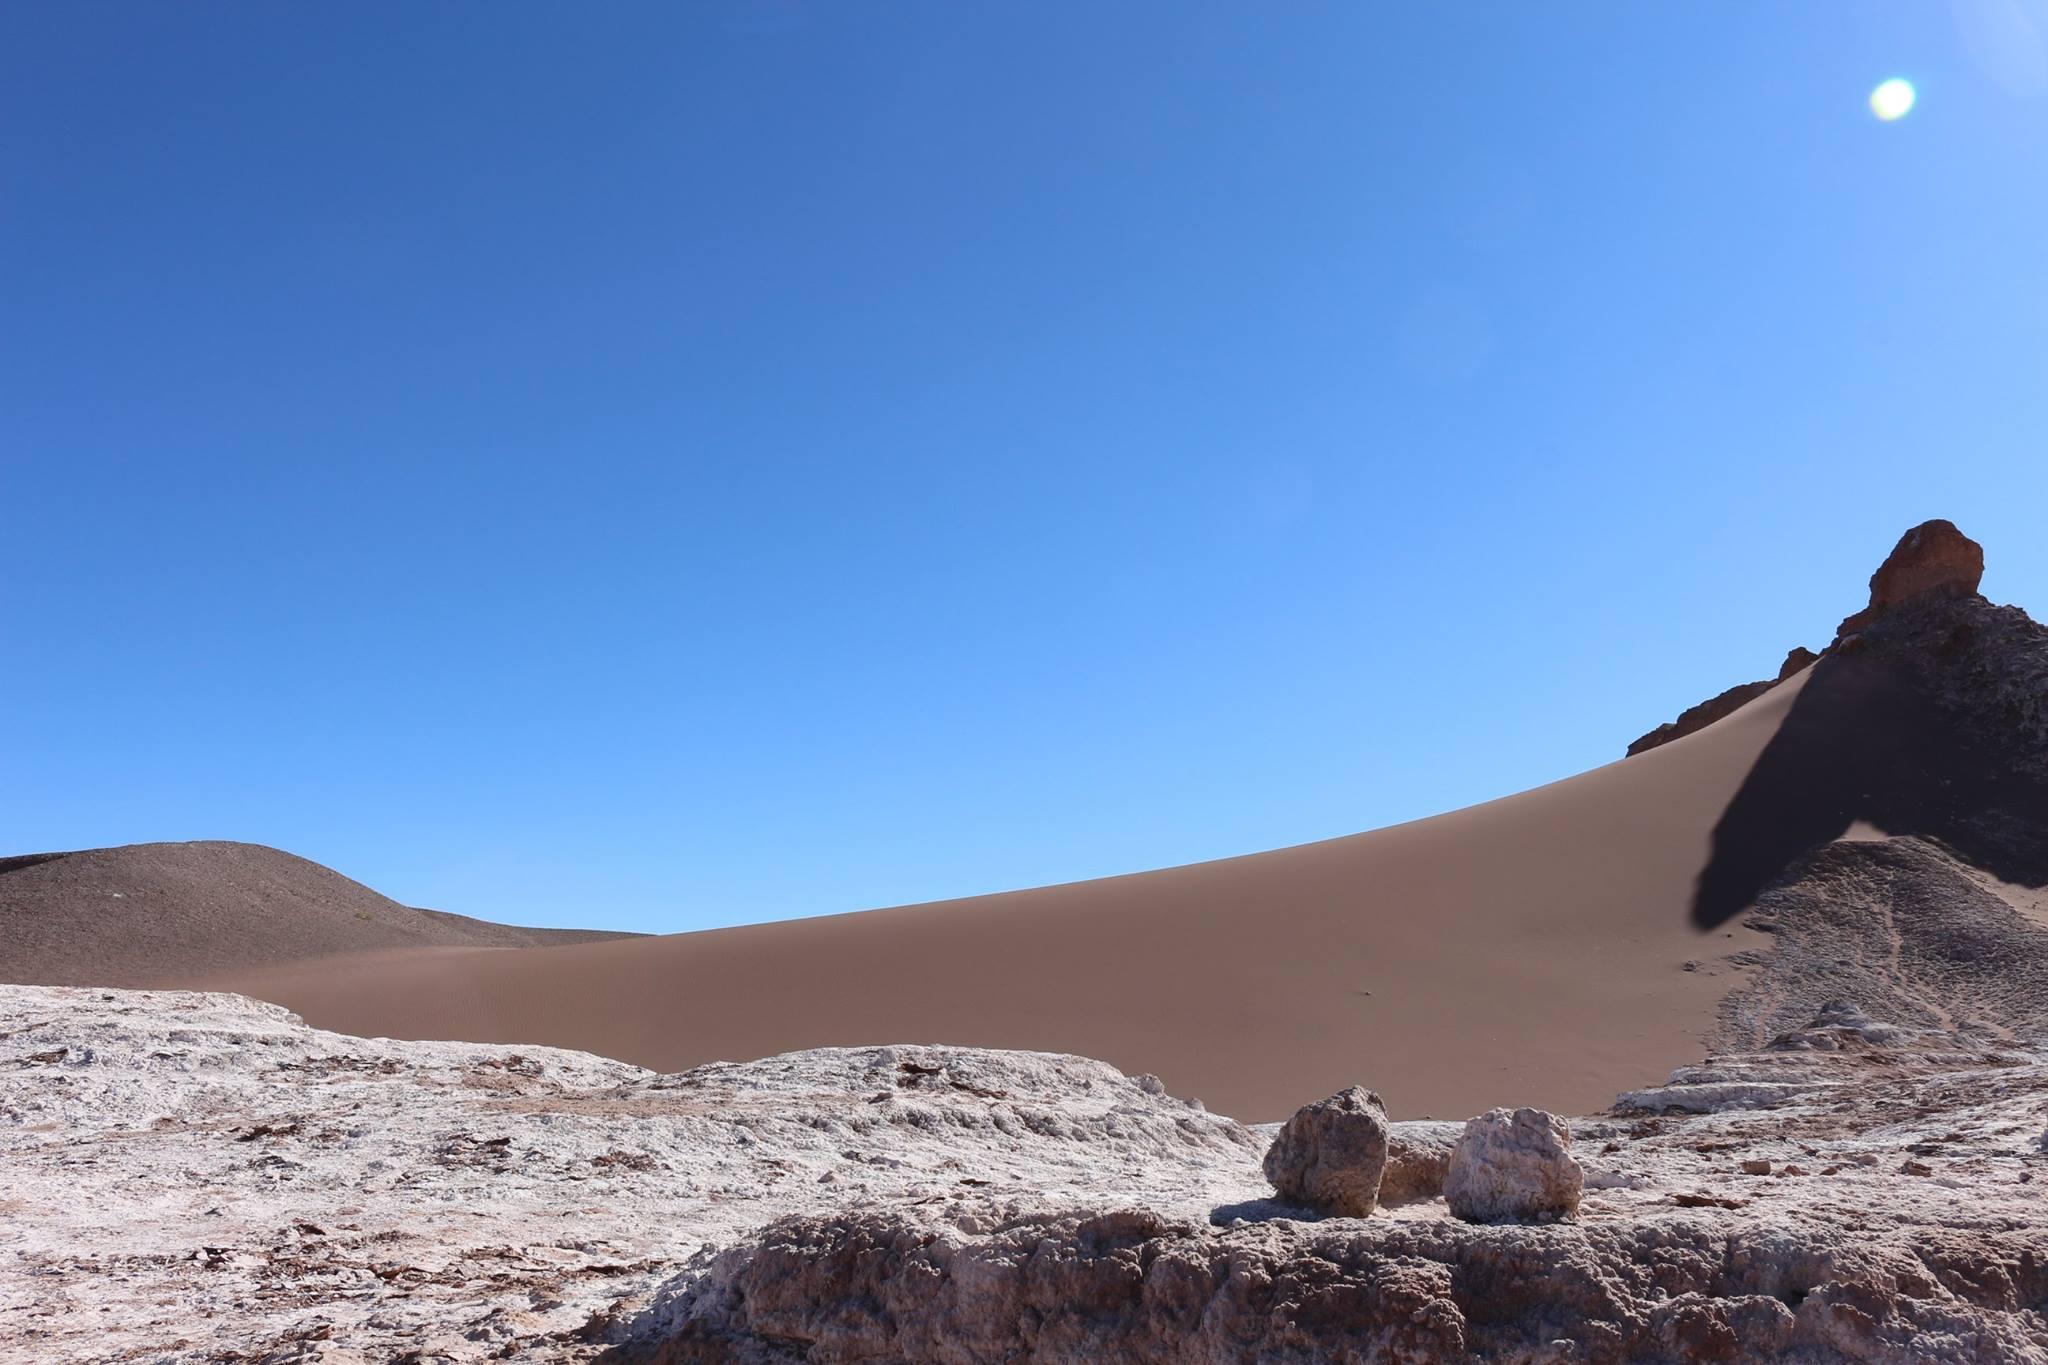 De qualquer ângulo o deserto parece uma pintura